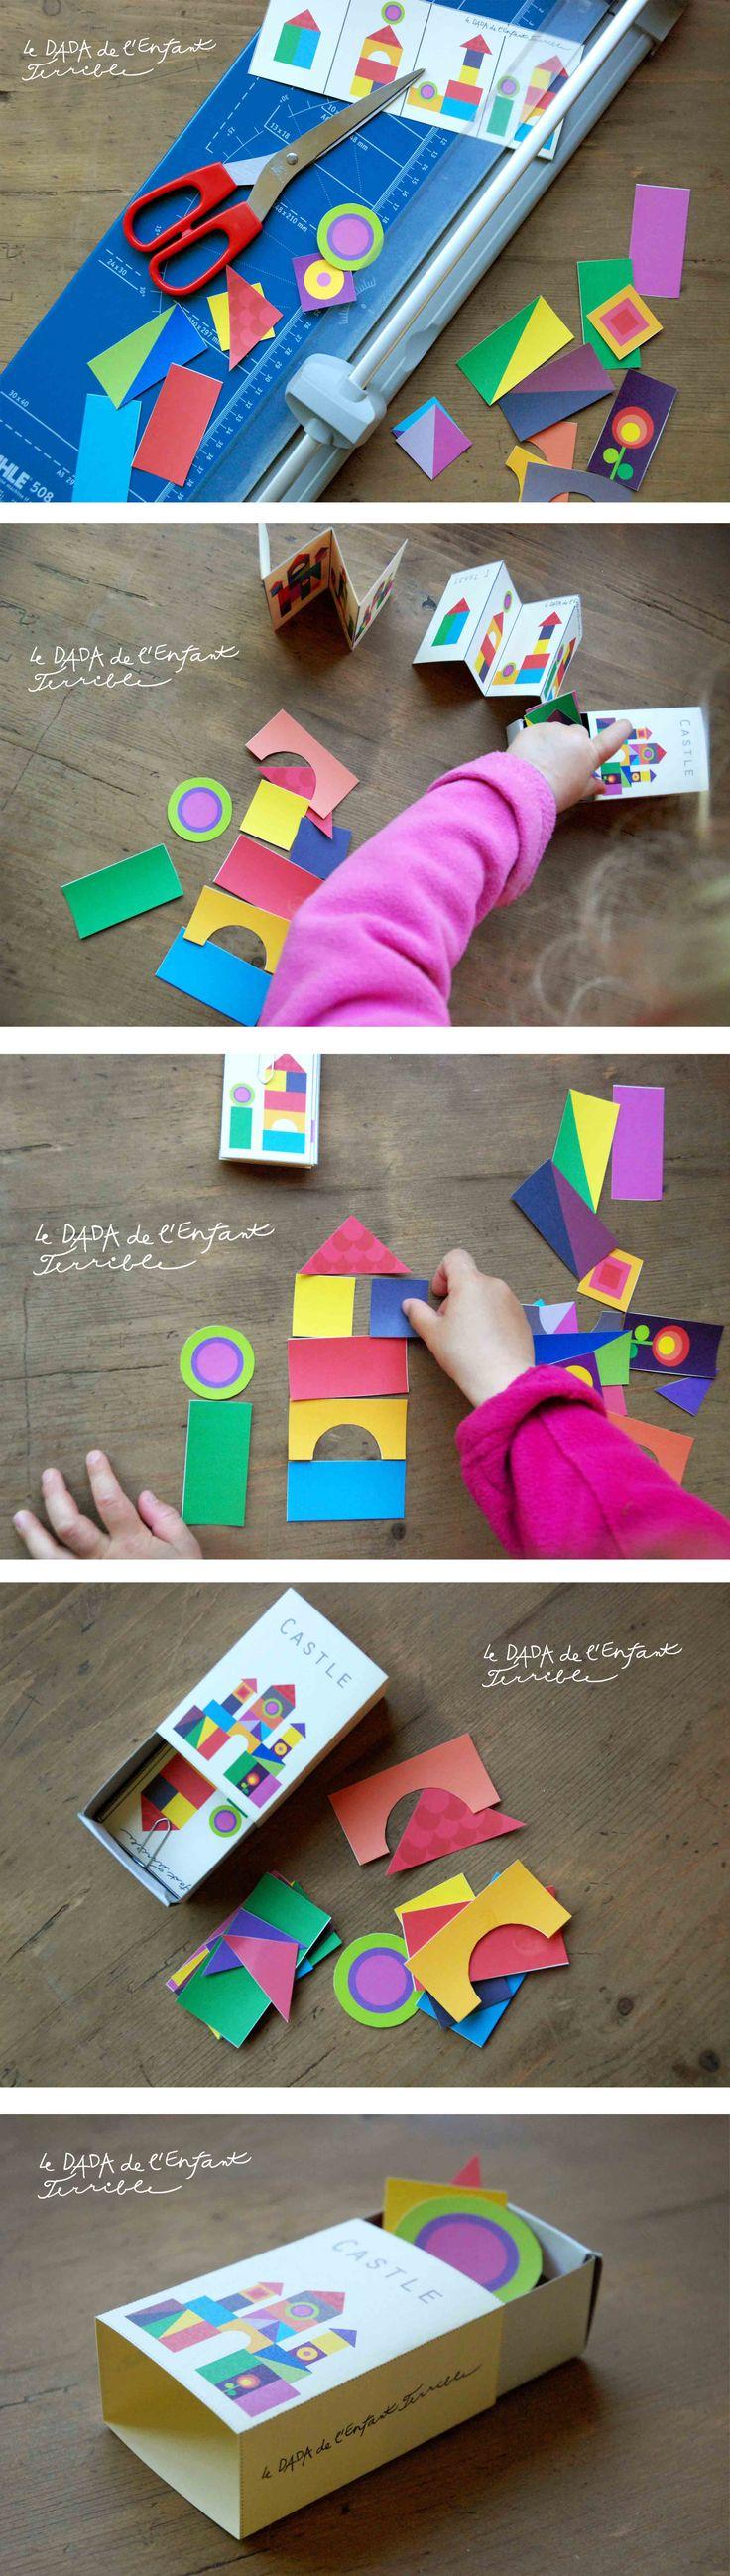 château de papier (et modèle) qui tiennent dans une boite d'allumettes - à imprimer